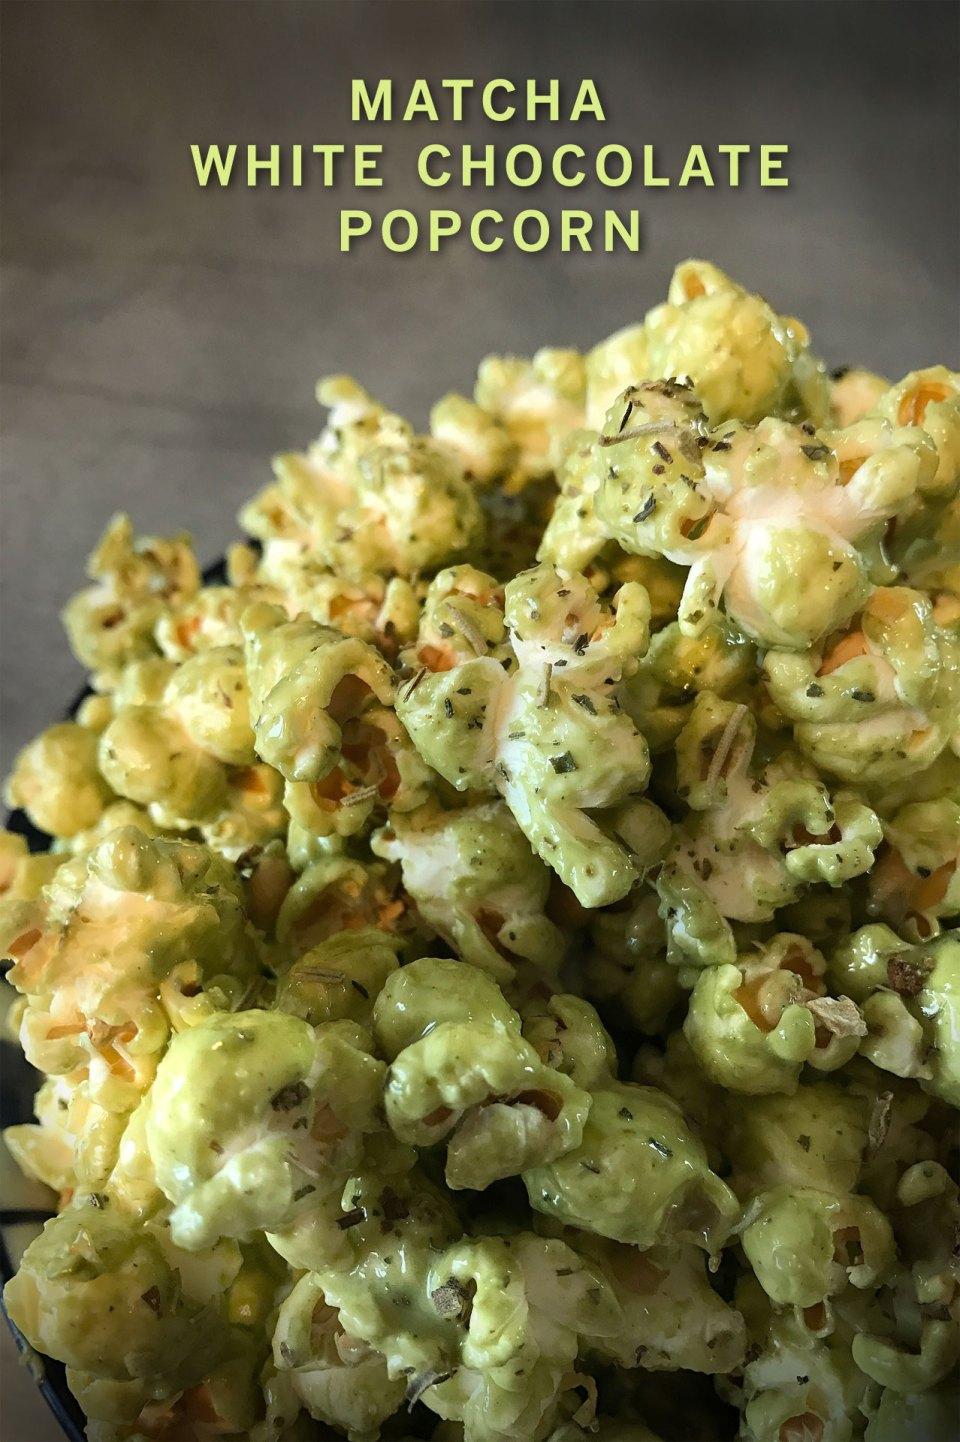 Rezept für selbstgemachtes süß-salzig-herbes Matcha White Chocolate Popcorn